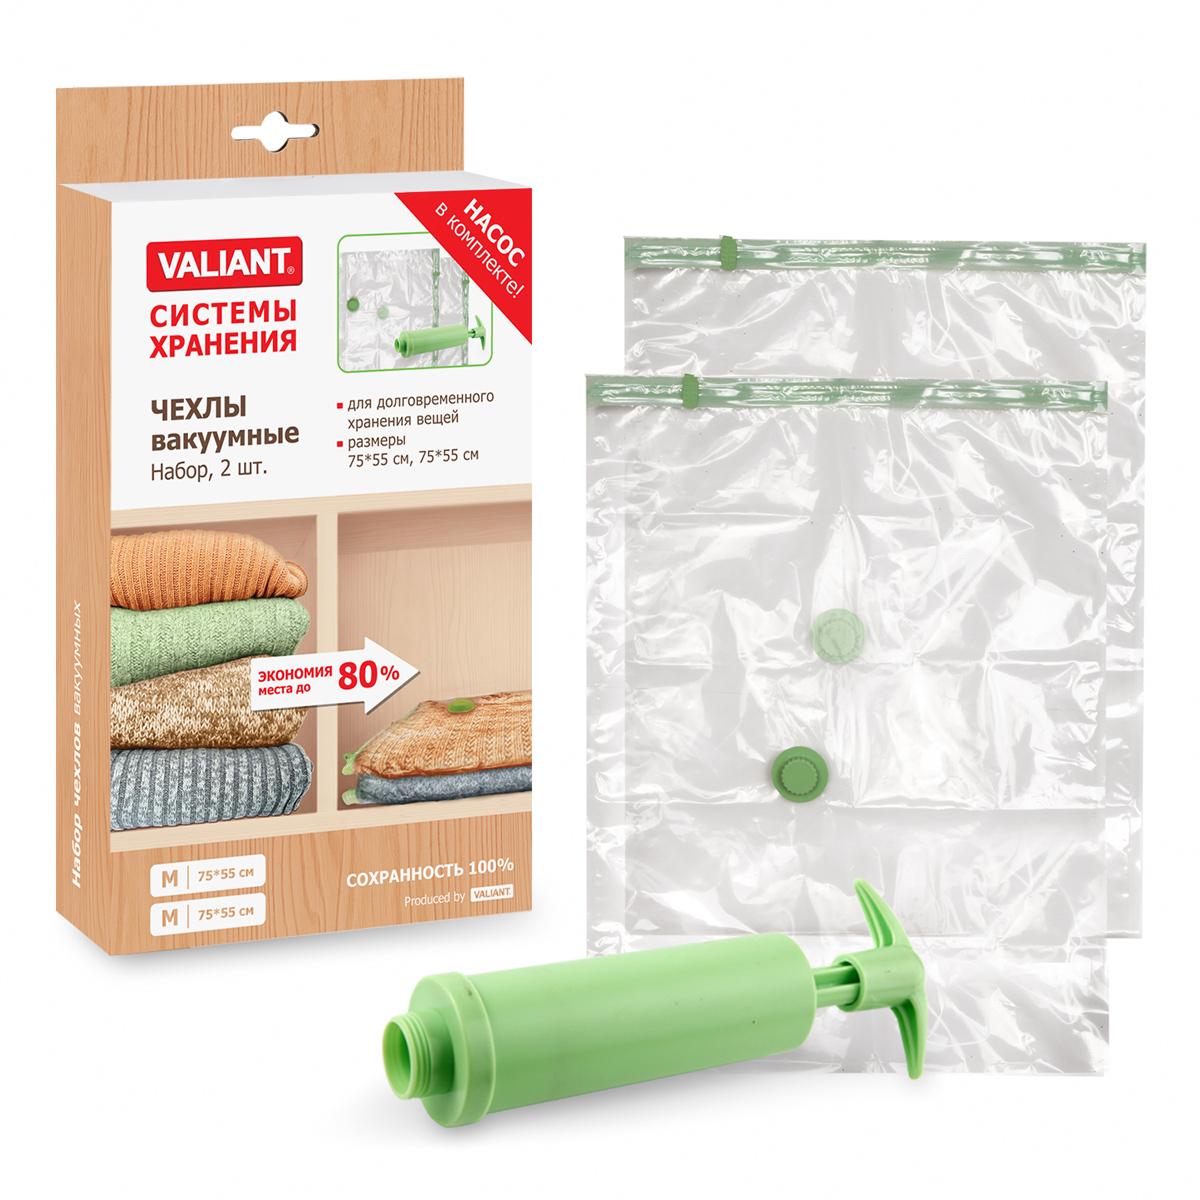 Набор чехлов вакуумных Valiant, с насосом, 75 х 55 см, 2 штSNS75Вакуумные чехлы Valiant предназначены для долговременного хранения вещей. Они отлично защитят вашу одежду от пыли и других загрязнений и поможет надолго сохранить ее безупречный вид. Чехлы изготовлены из высококачественных полимерных материалов. В комплект входит ручной насос. Достоинства чехлов Valiant: - вещи сжимаются в объеме на 80%, полностью сохраняя свое качество; - вещи можно хранить в течение целого сезона (осенью и зимой - летний гардероб, летом - зимние свитера, шарфы, теплые одеяла); - надежная защита вещей от любых повреждений - влаги, пыли, пятен, плесени, моли и других насекомых, а также от обесцвечивания, запахов и бактерий; - откачать воздух можно как ручным насосом, так и любым стандартным пылесосом (отверстие клапана 27 мм). Комплектация: 2 чехла, насос.